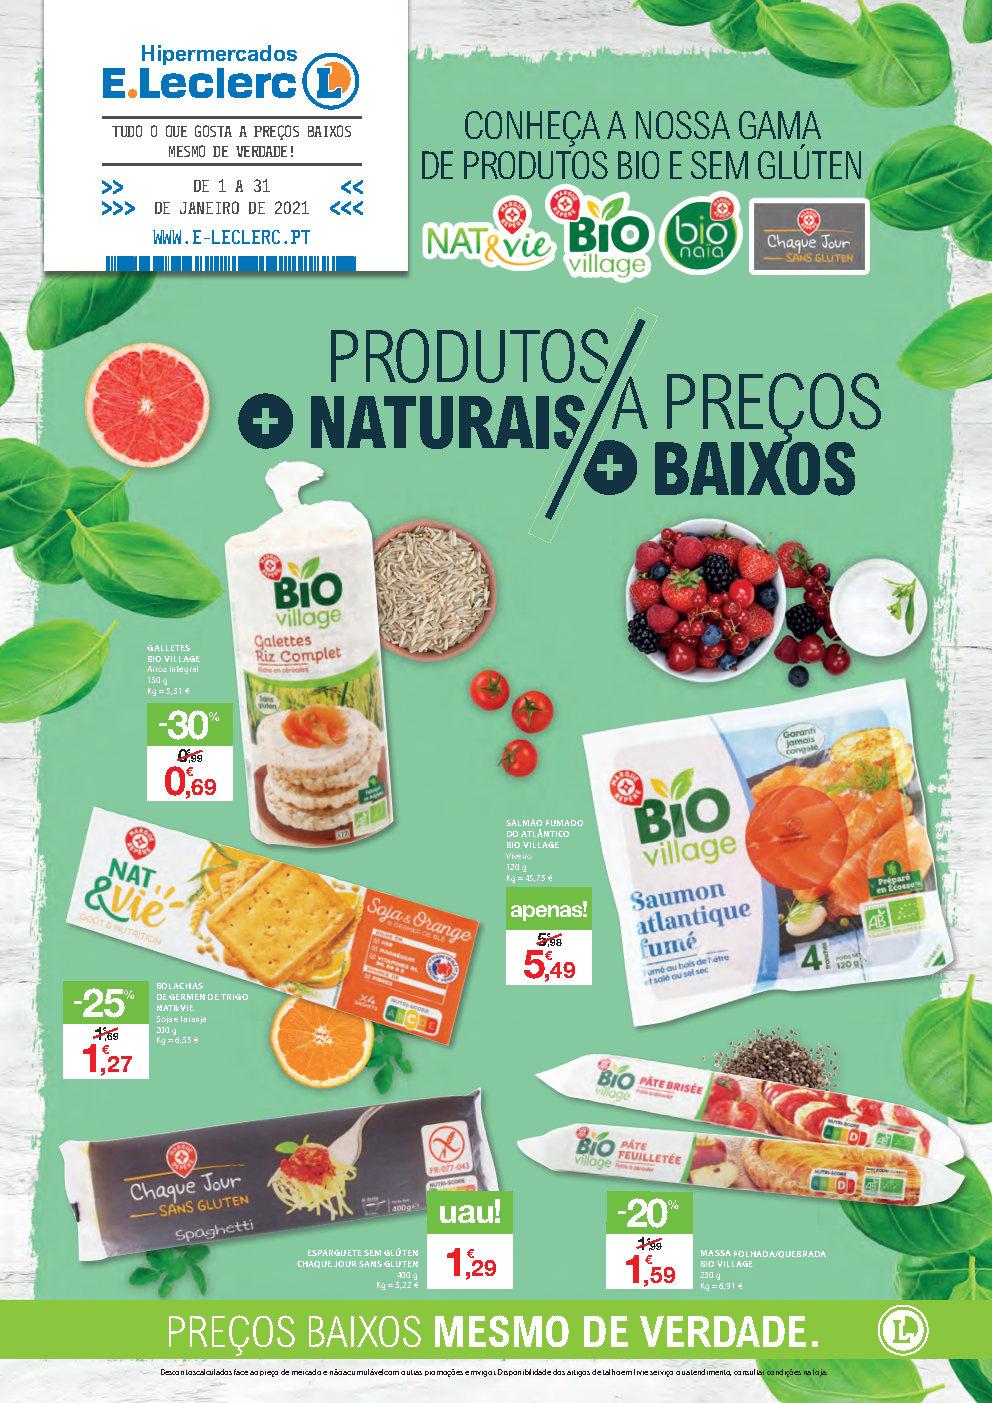 leclerc bio folheto Page1